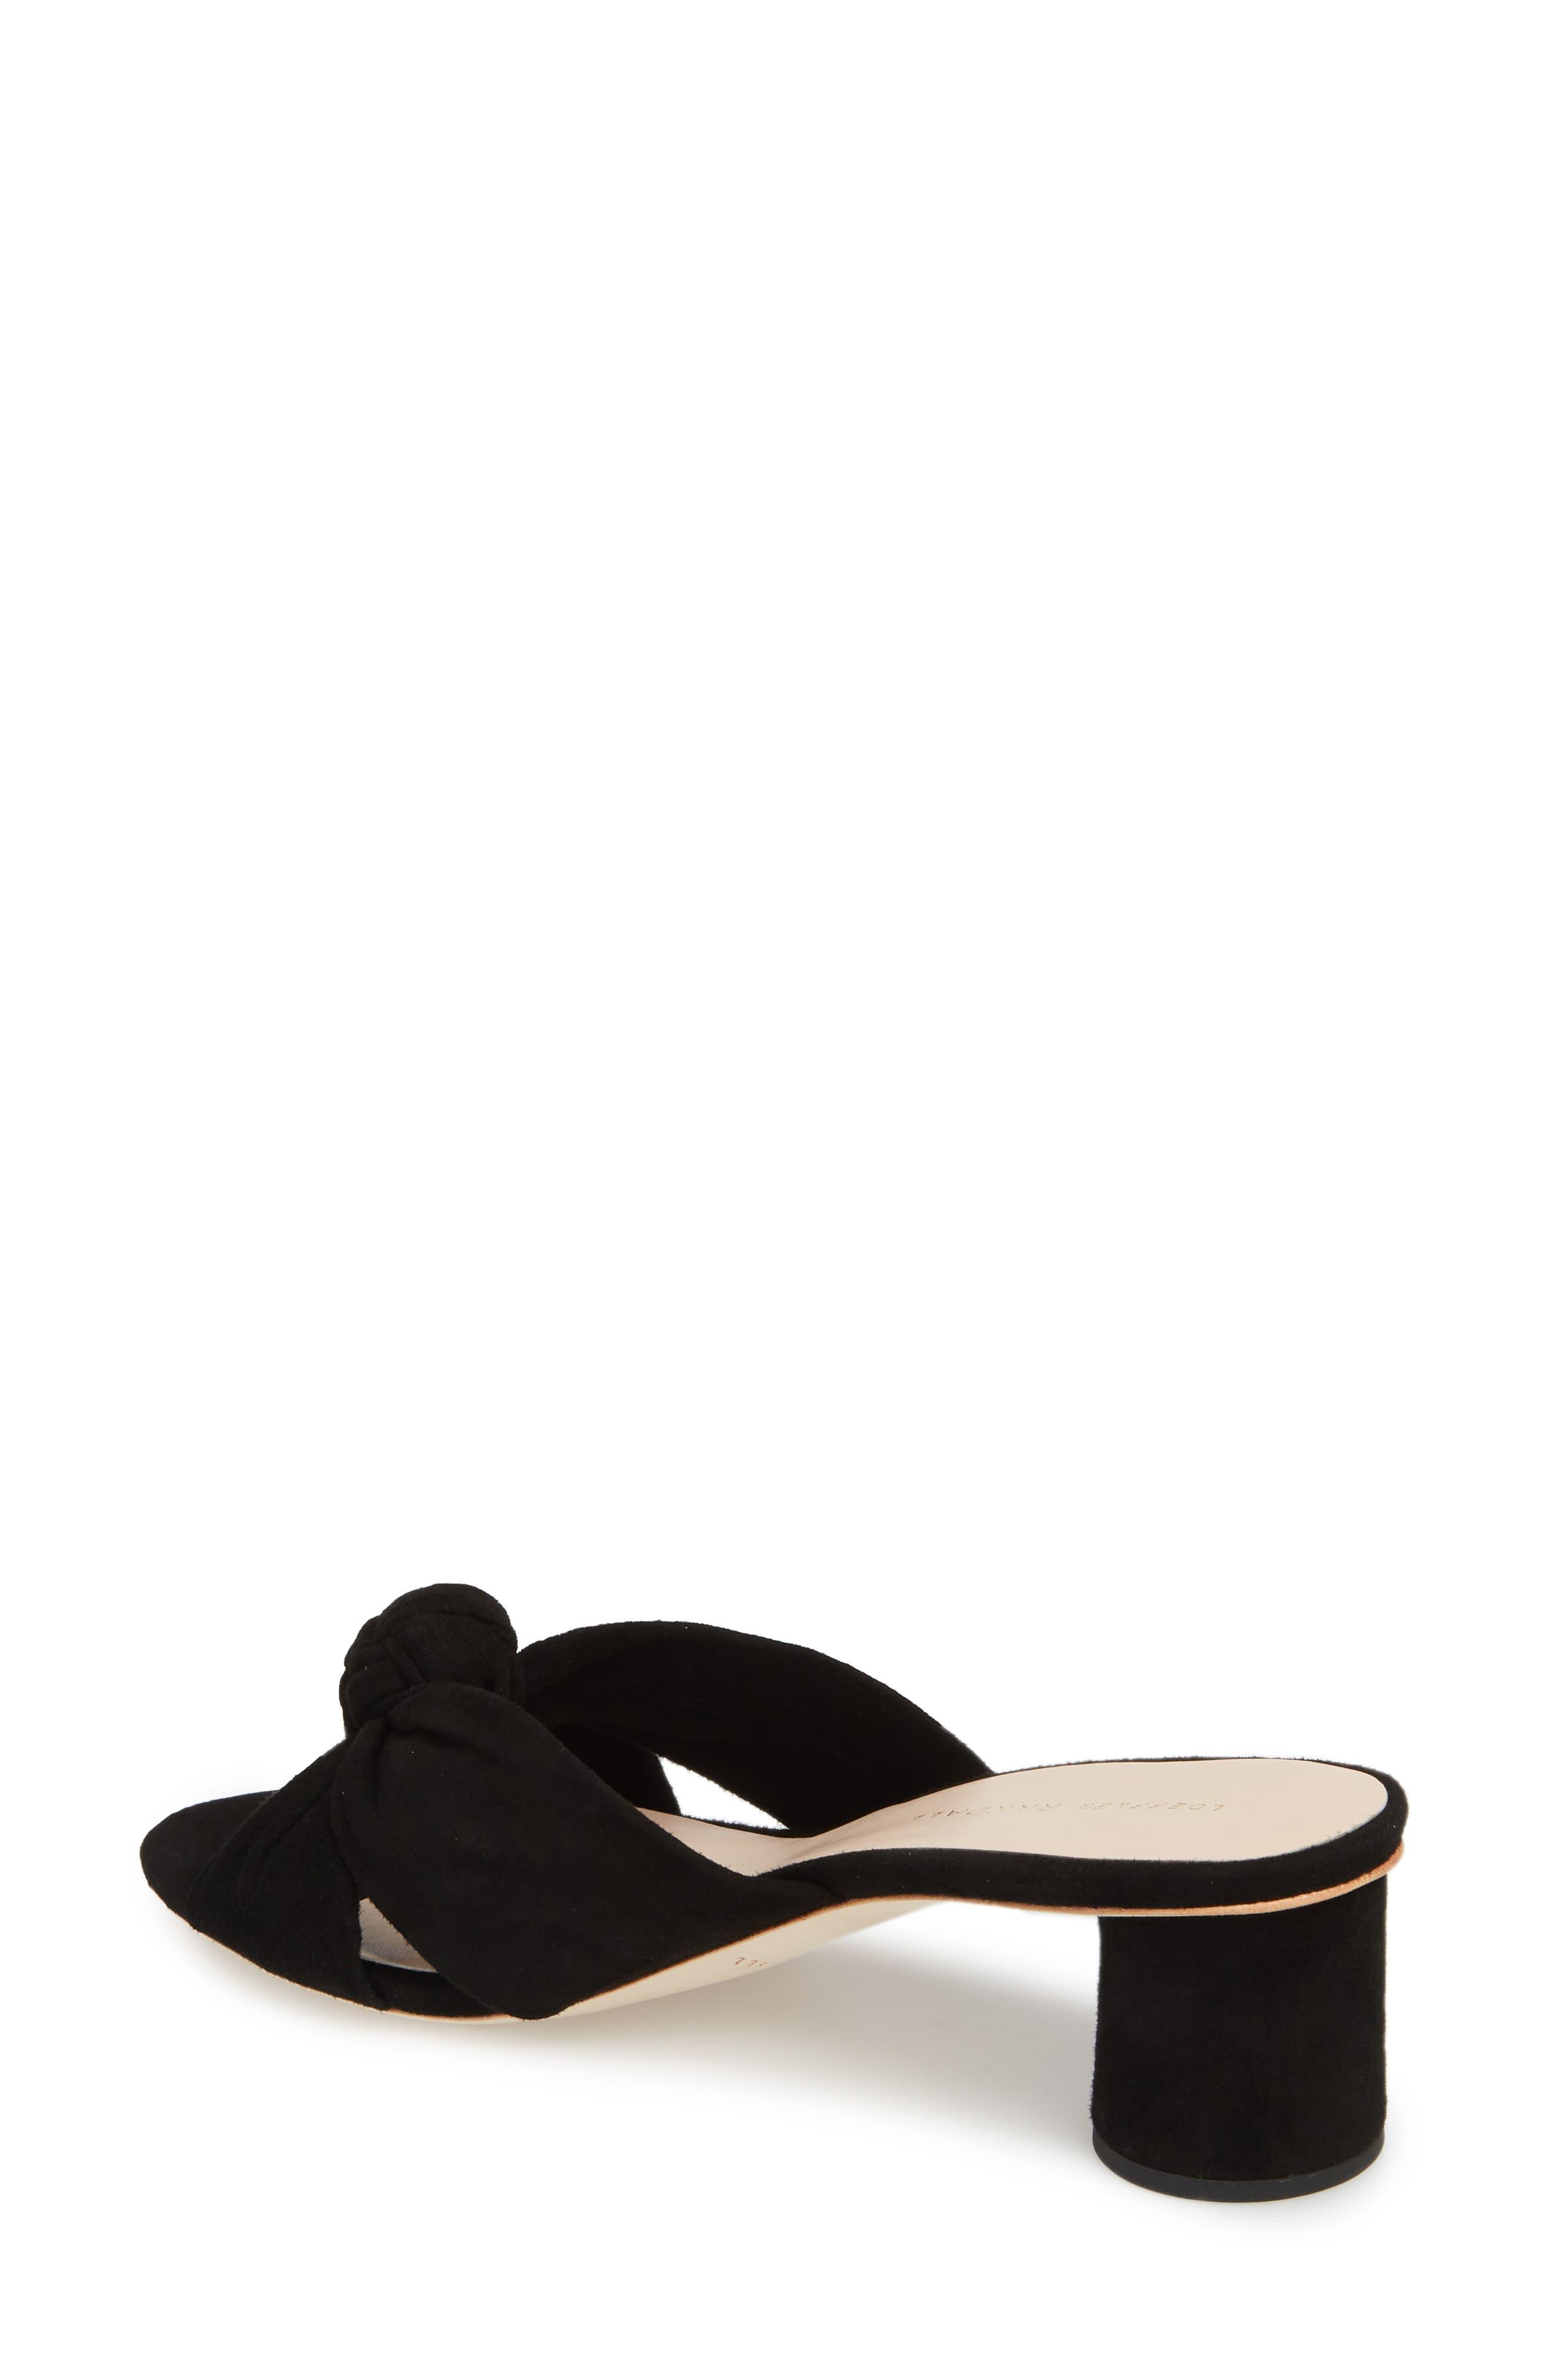 Loeffler Randal Celeste Knotted Slide Sandal,                             Alternate thumbnail 2, color,                             BLACK